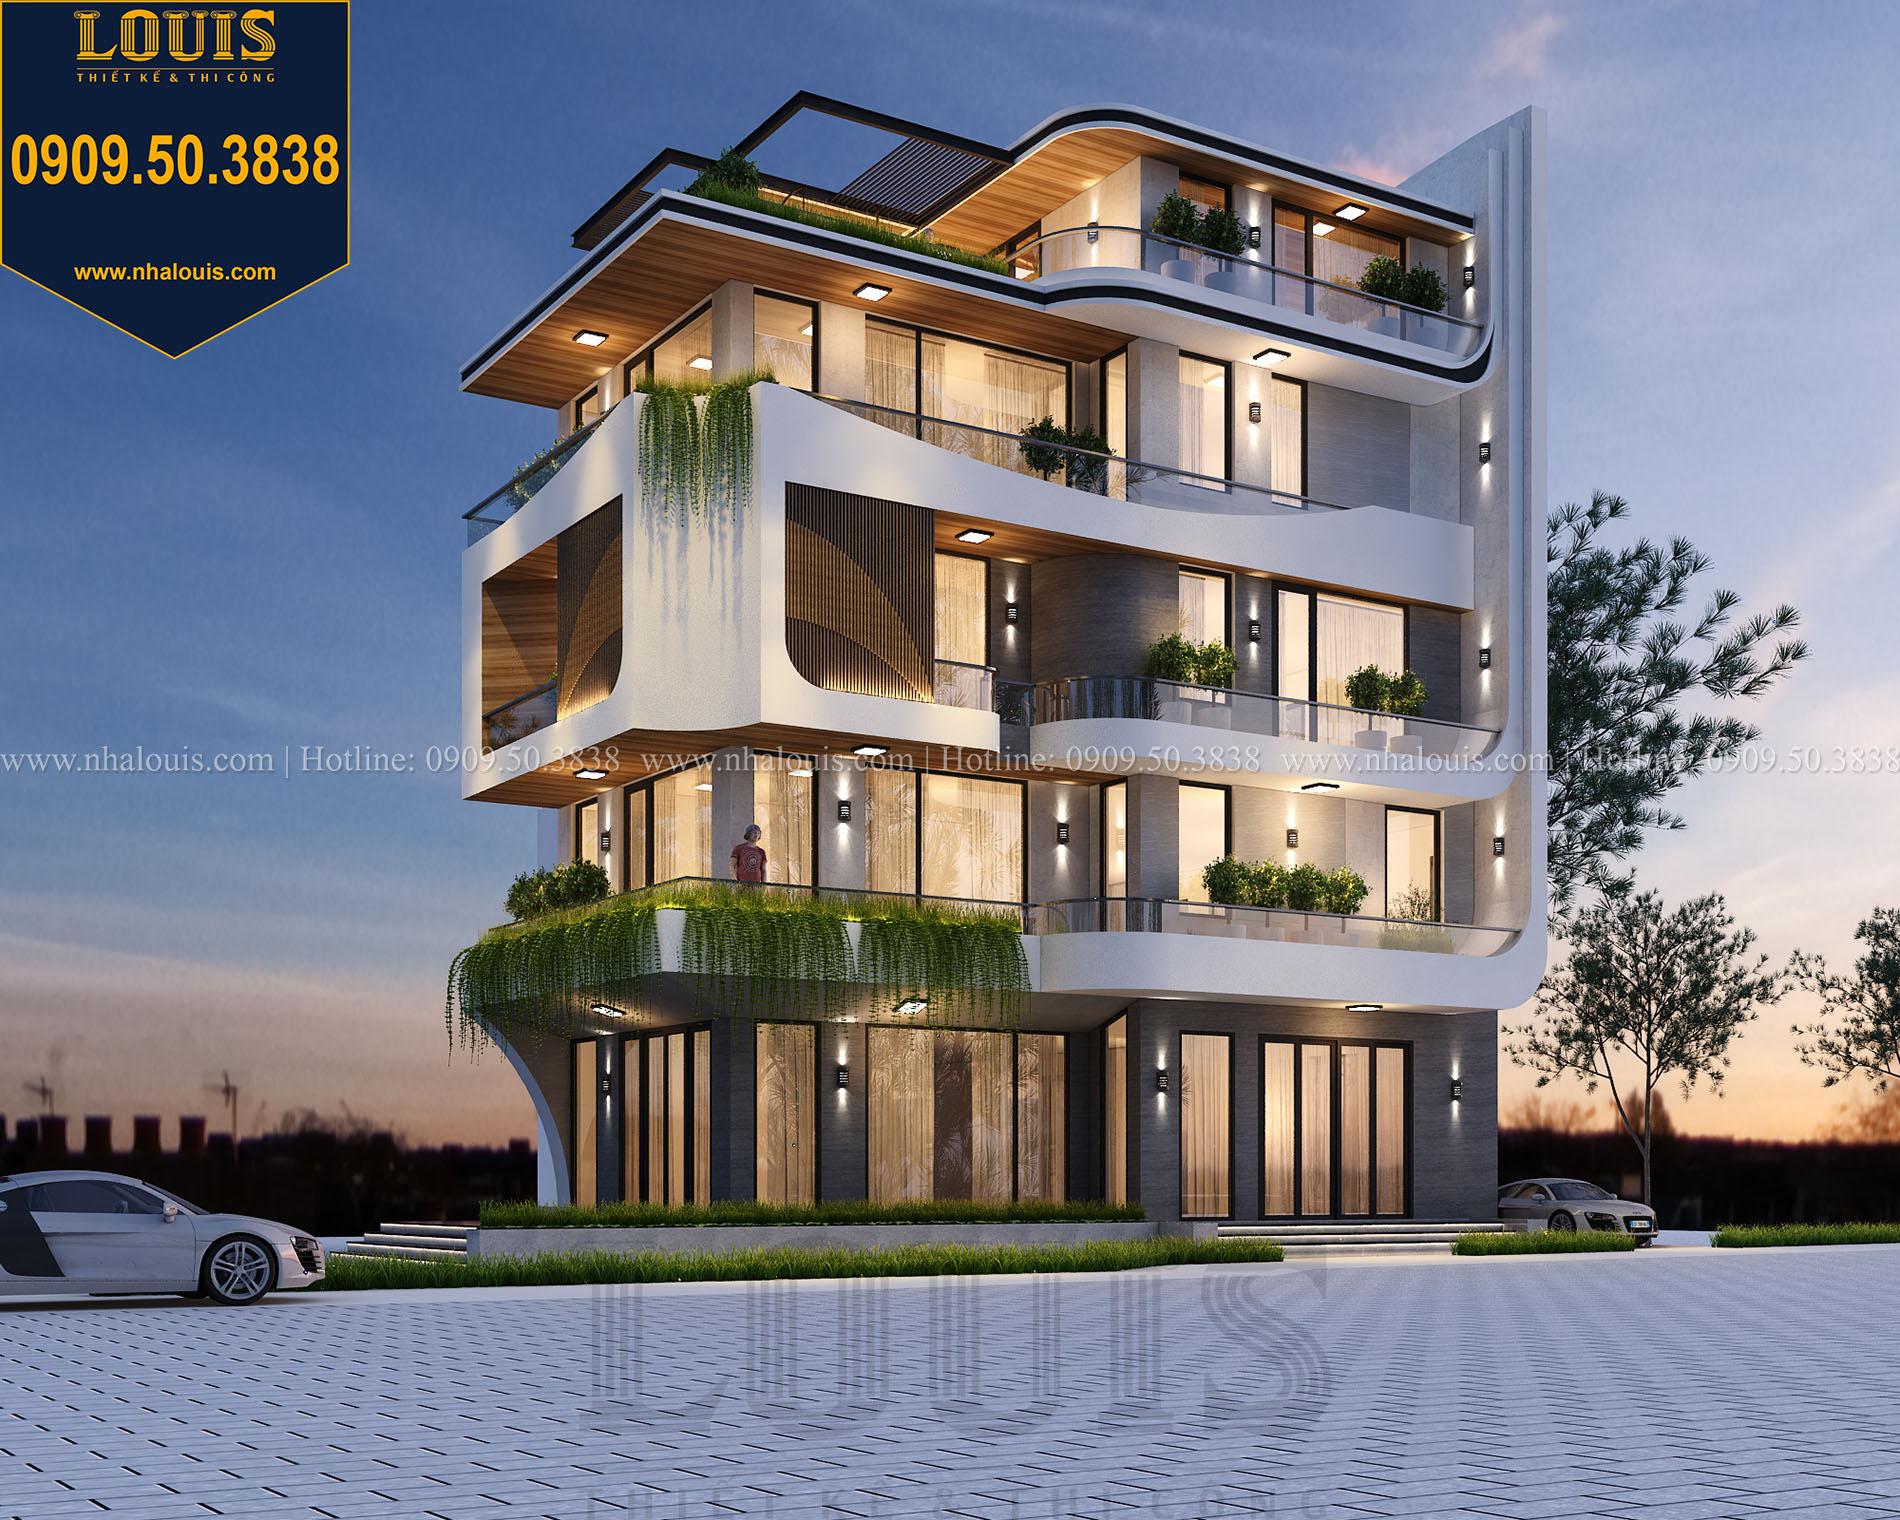 Mặt tiền Thiết kế biệt thự 5 tầng hiện đại đẹp lung linh tại Nha Trang - 006